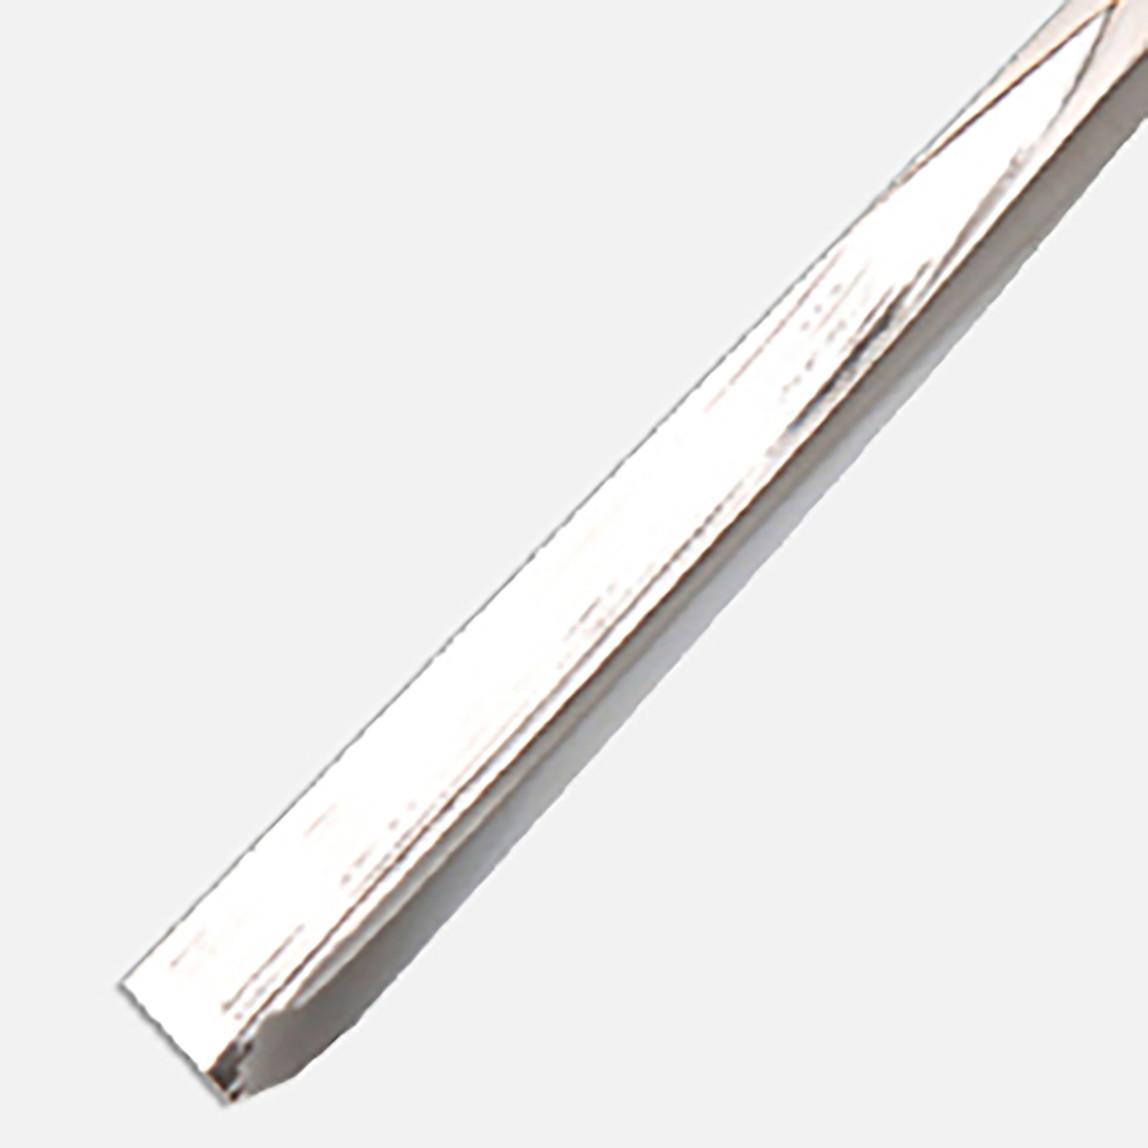 Oyma Iskarpela - V Bıçak 6 mm